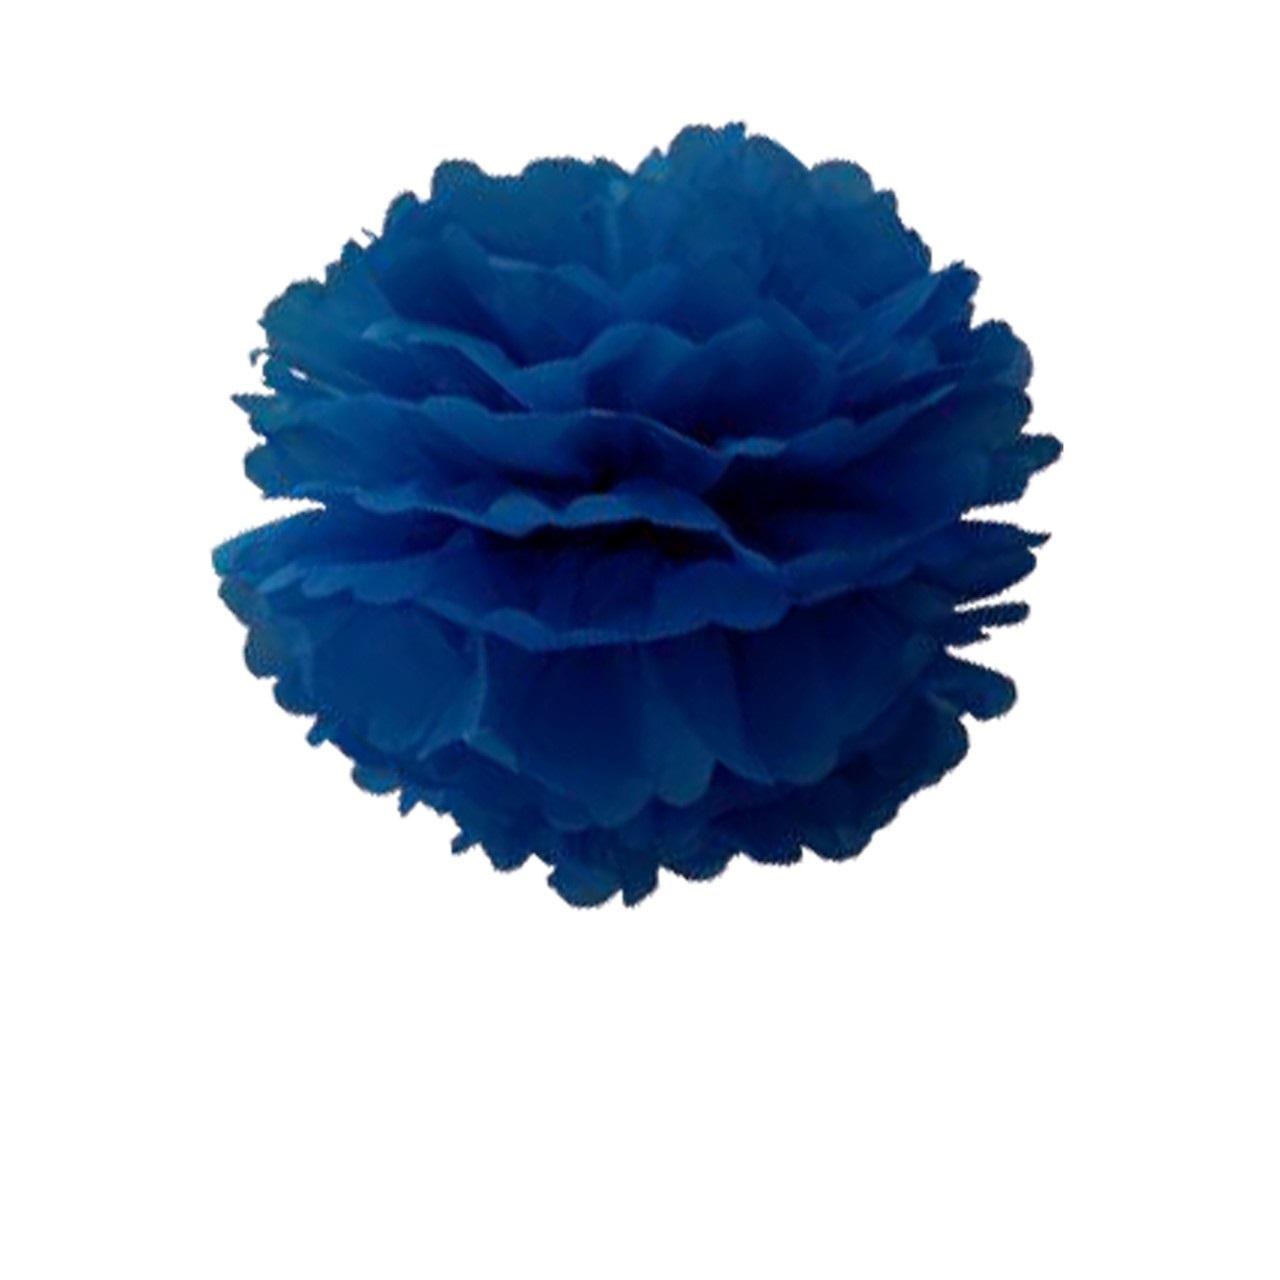 Pompom de Papel 25 cm - Azul